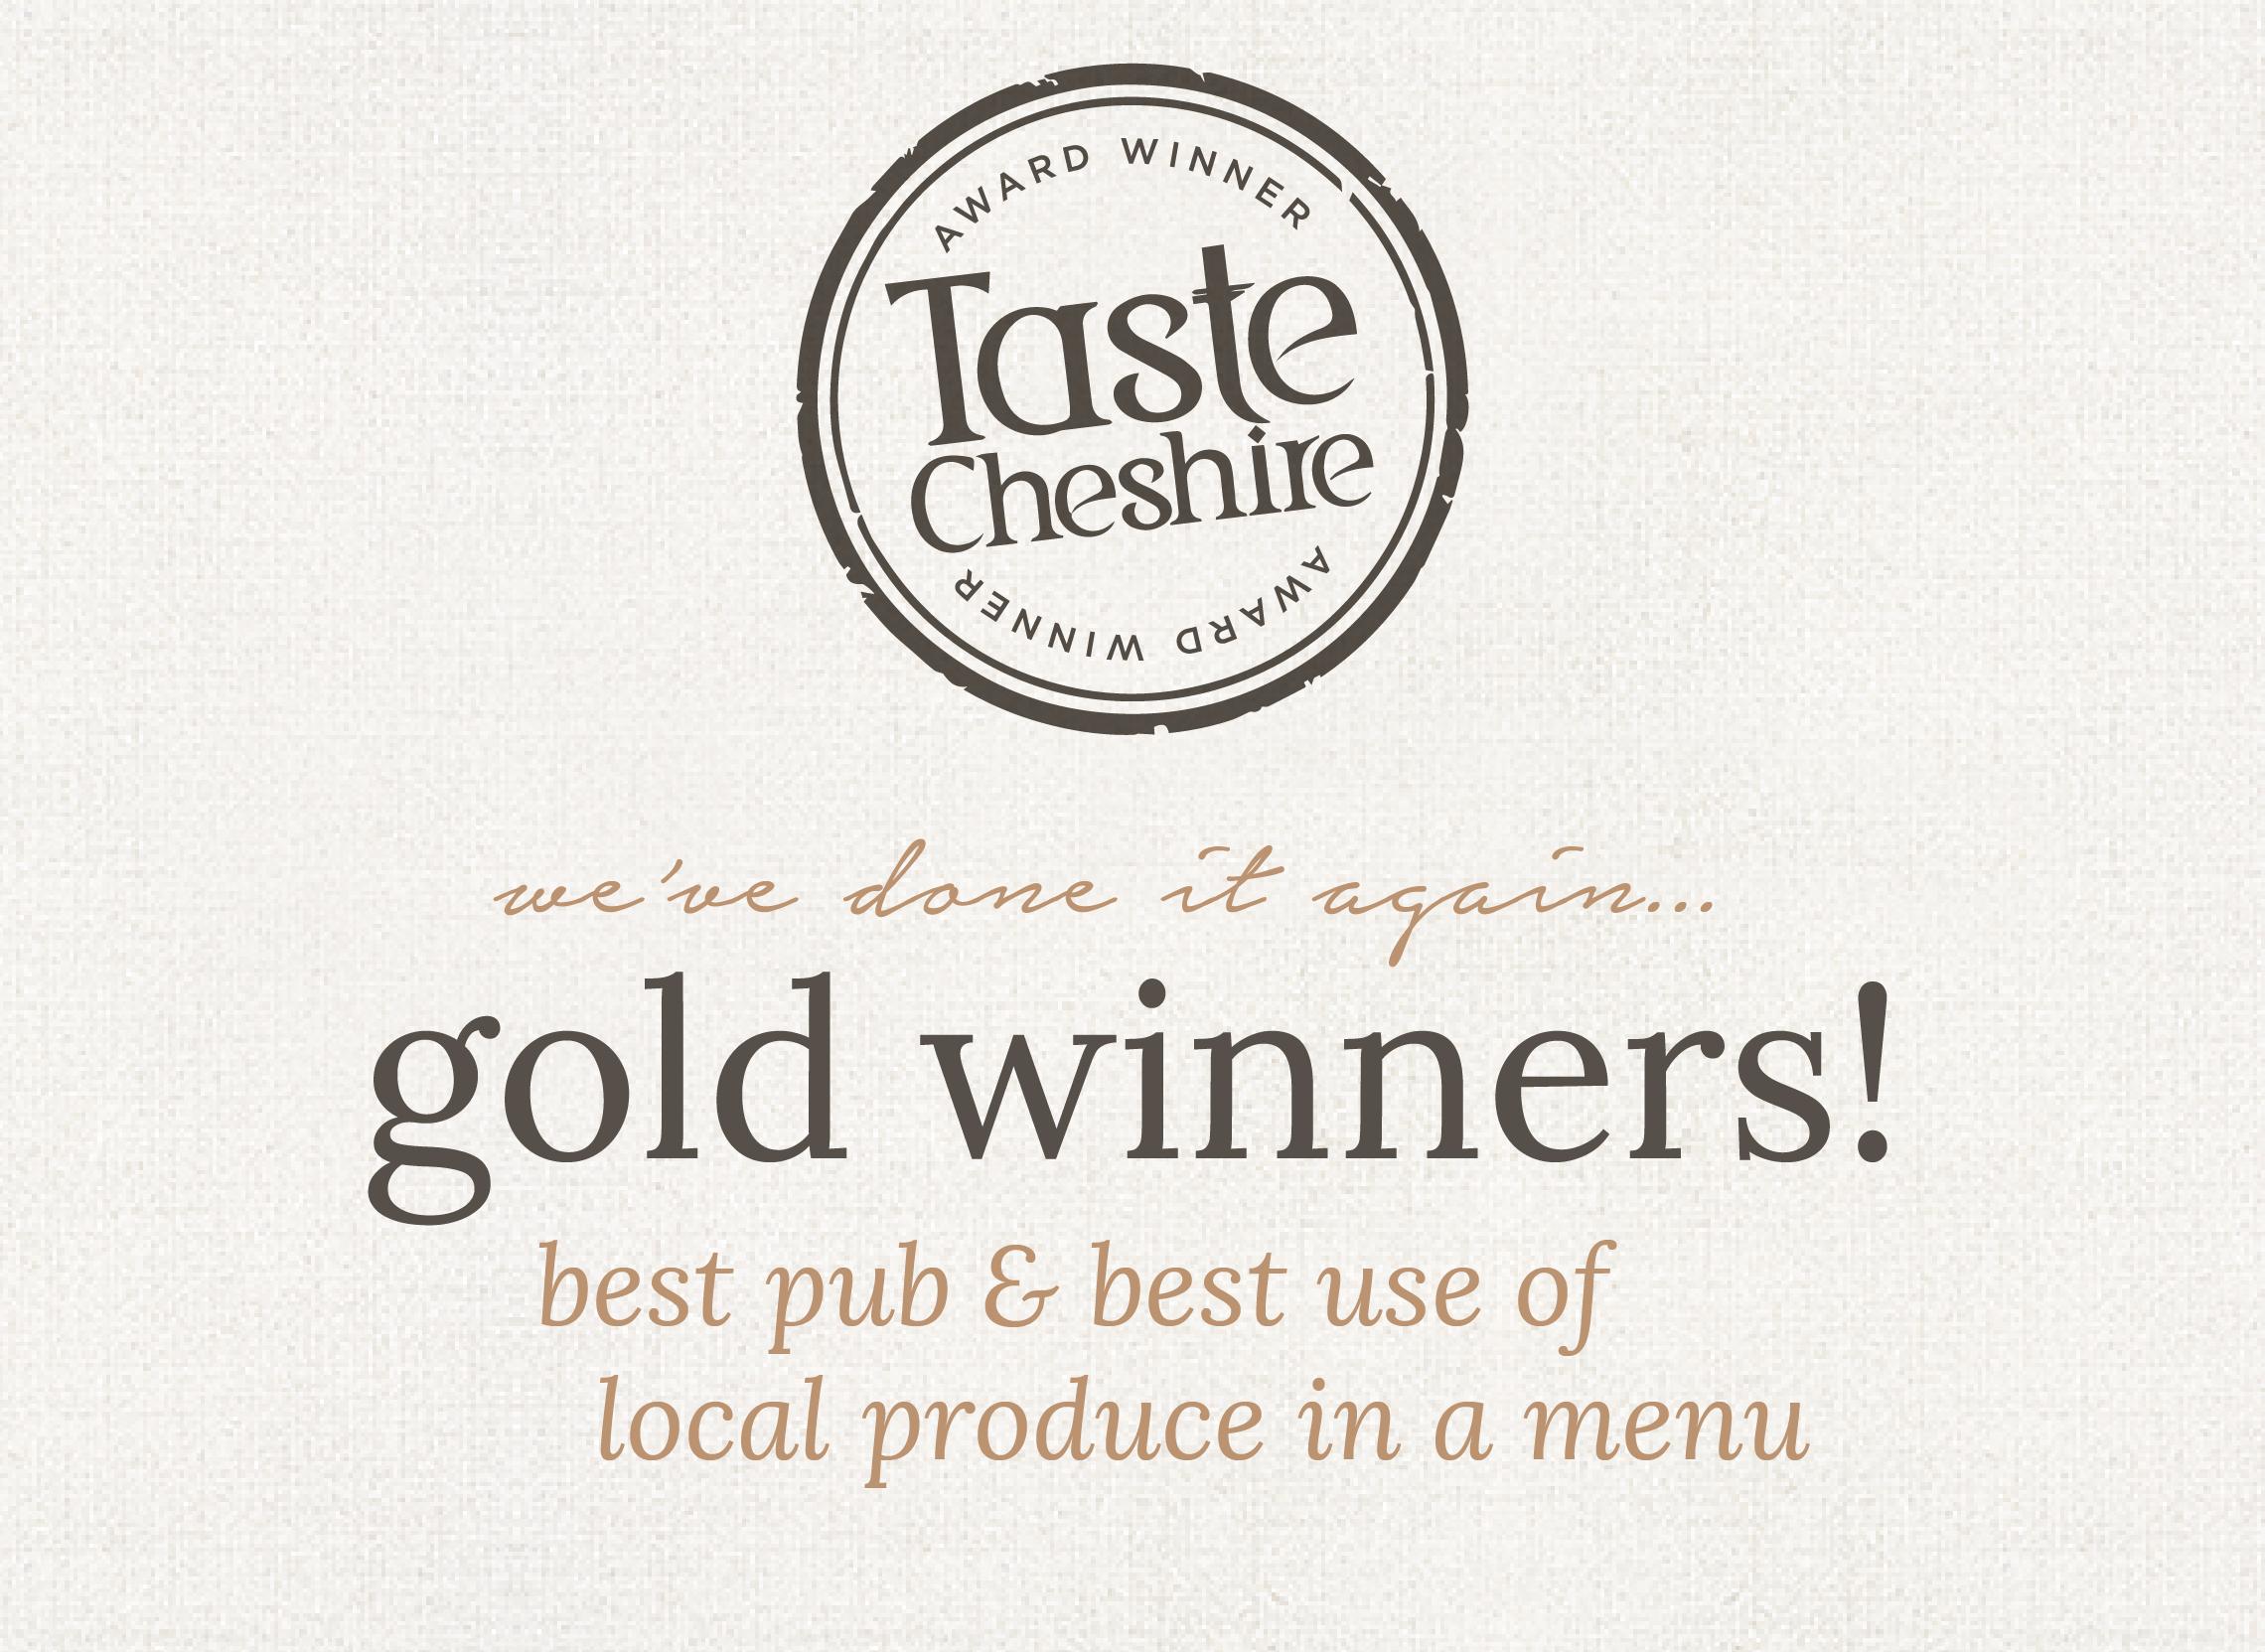 Taste Cheshire Award Winners